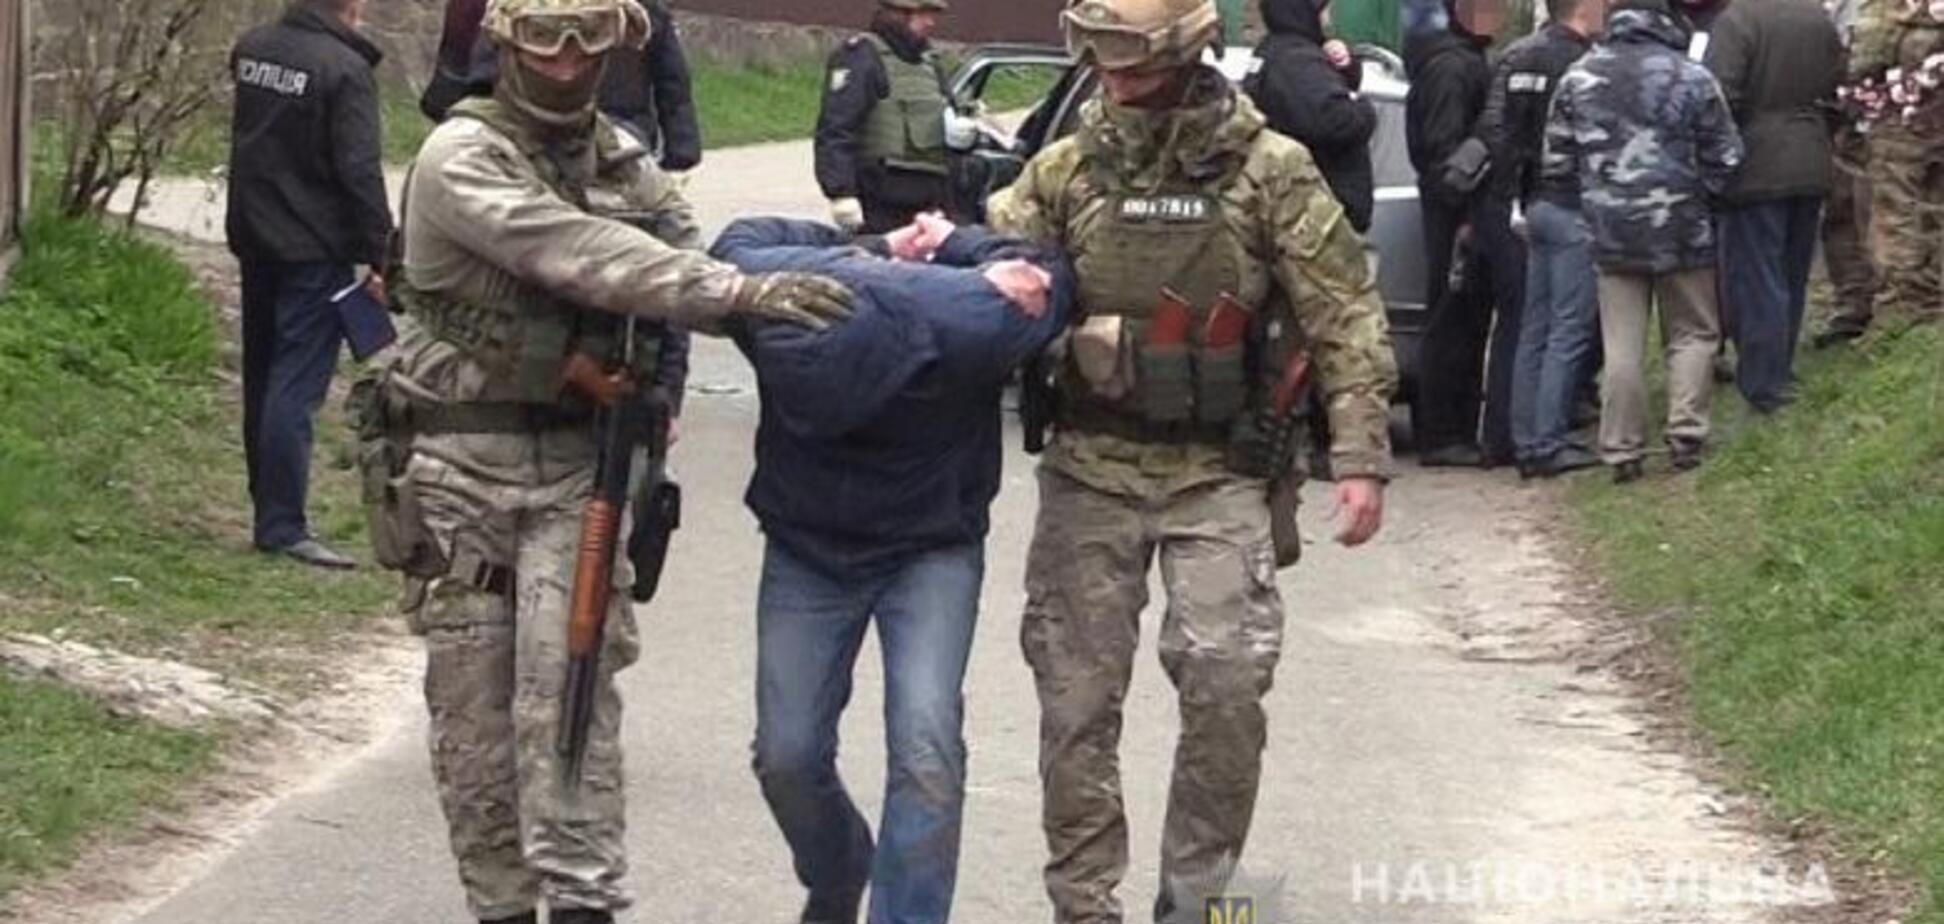 В Киеве экс-правоохранителей подозревают в убийстве ювелира: новые детали